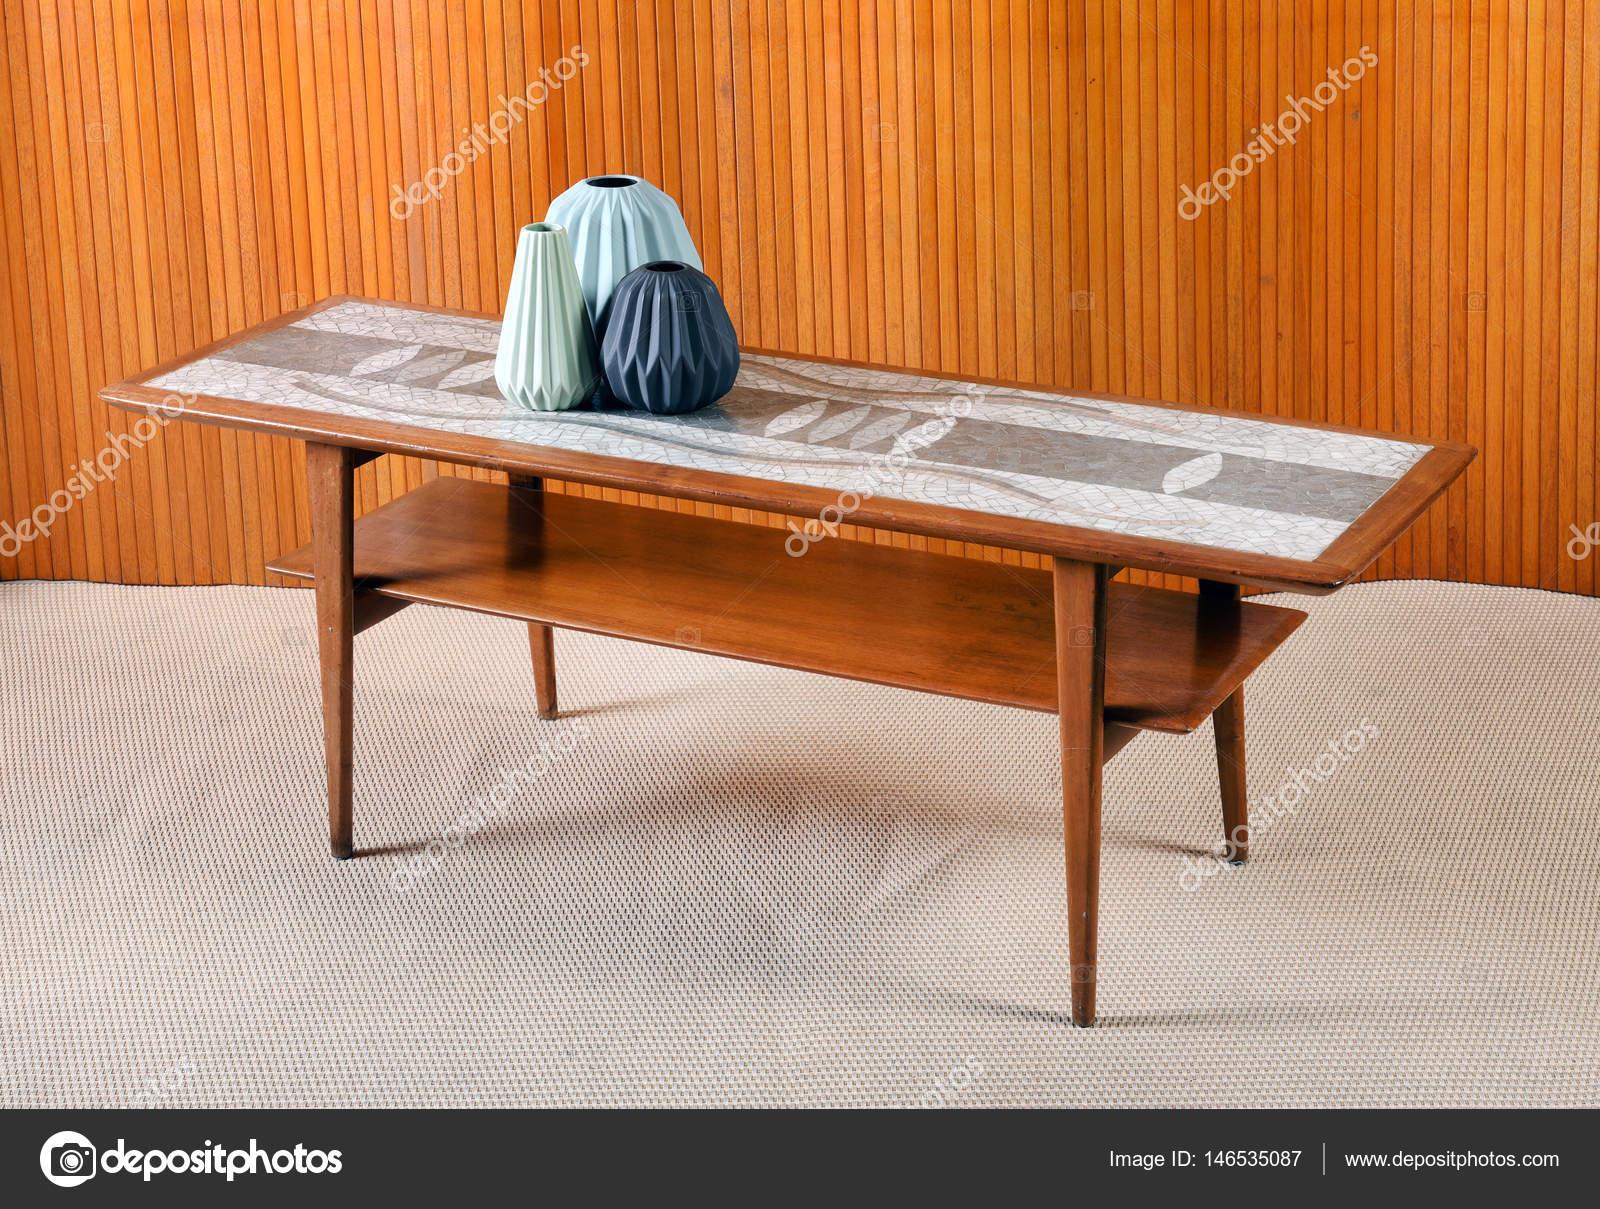 Retro Houten Salontafel.Retro Houten Salontafel Met Decoratieve Vazen Stockfoto